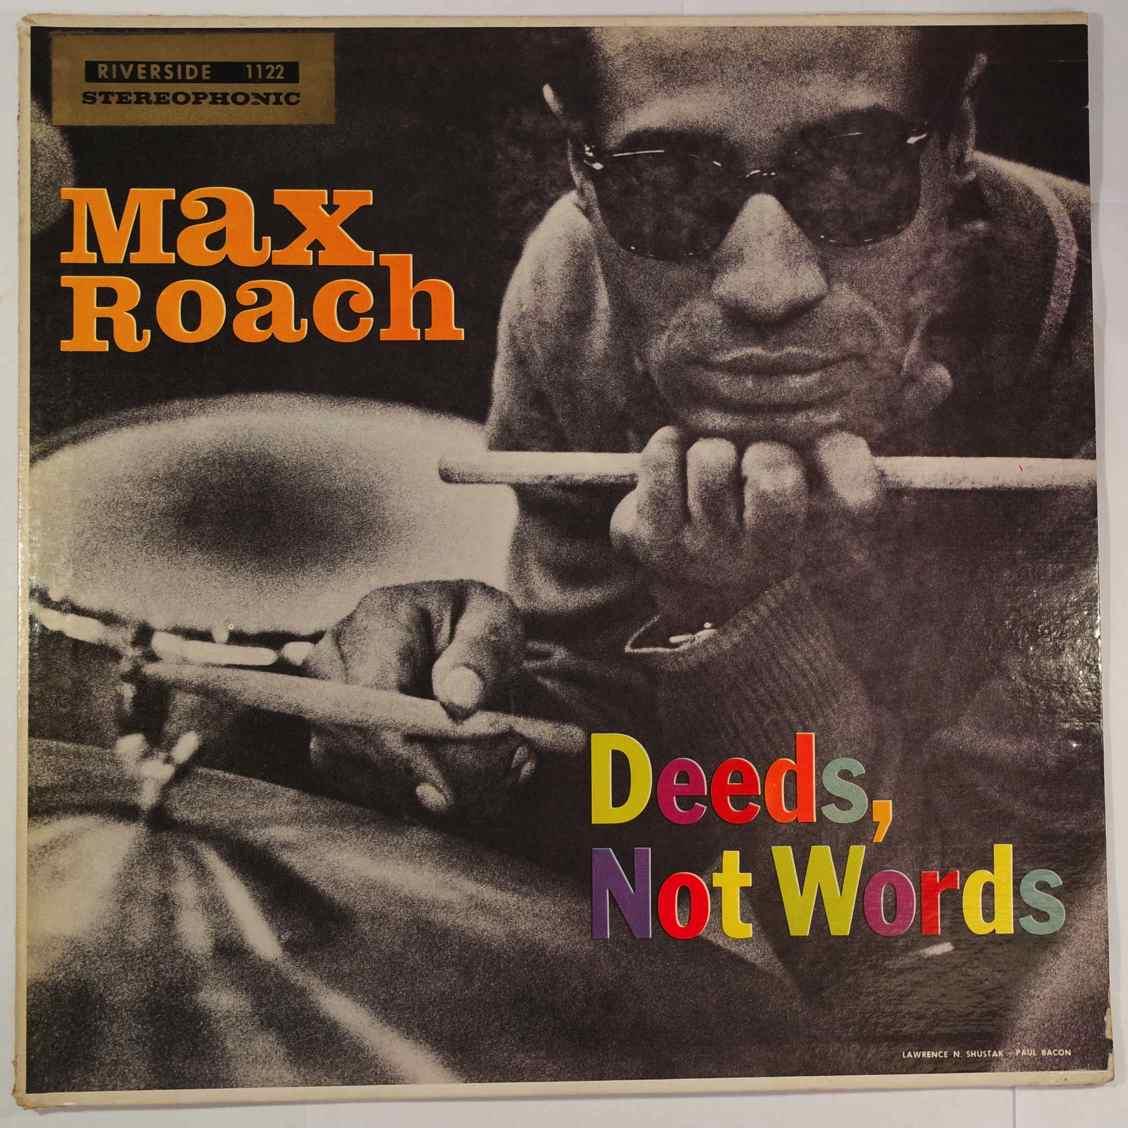 MAX ROACH - Deeds Not Words - LP